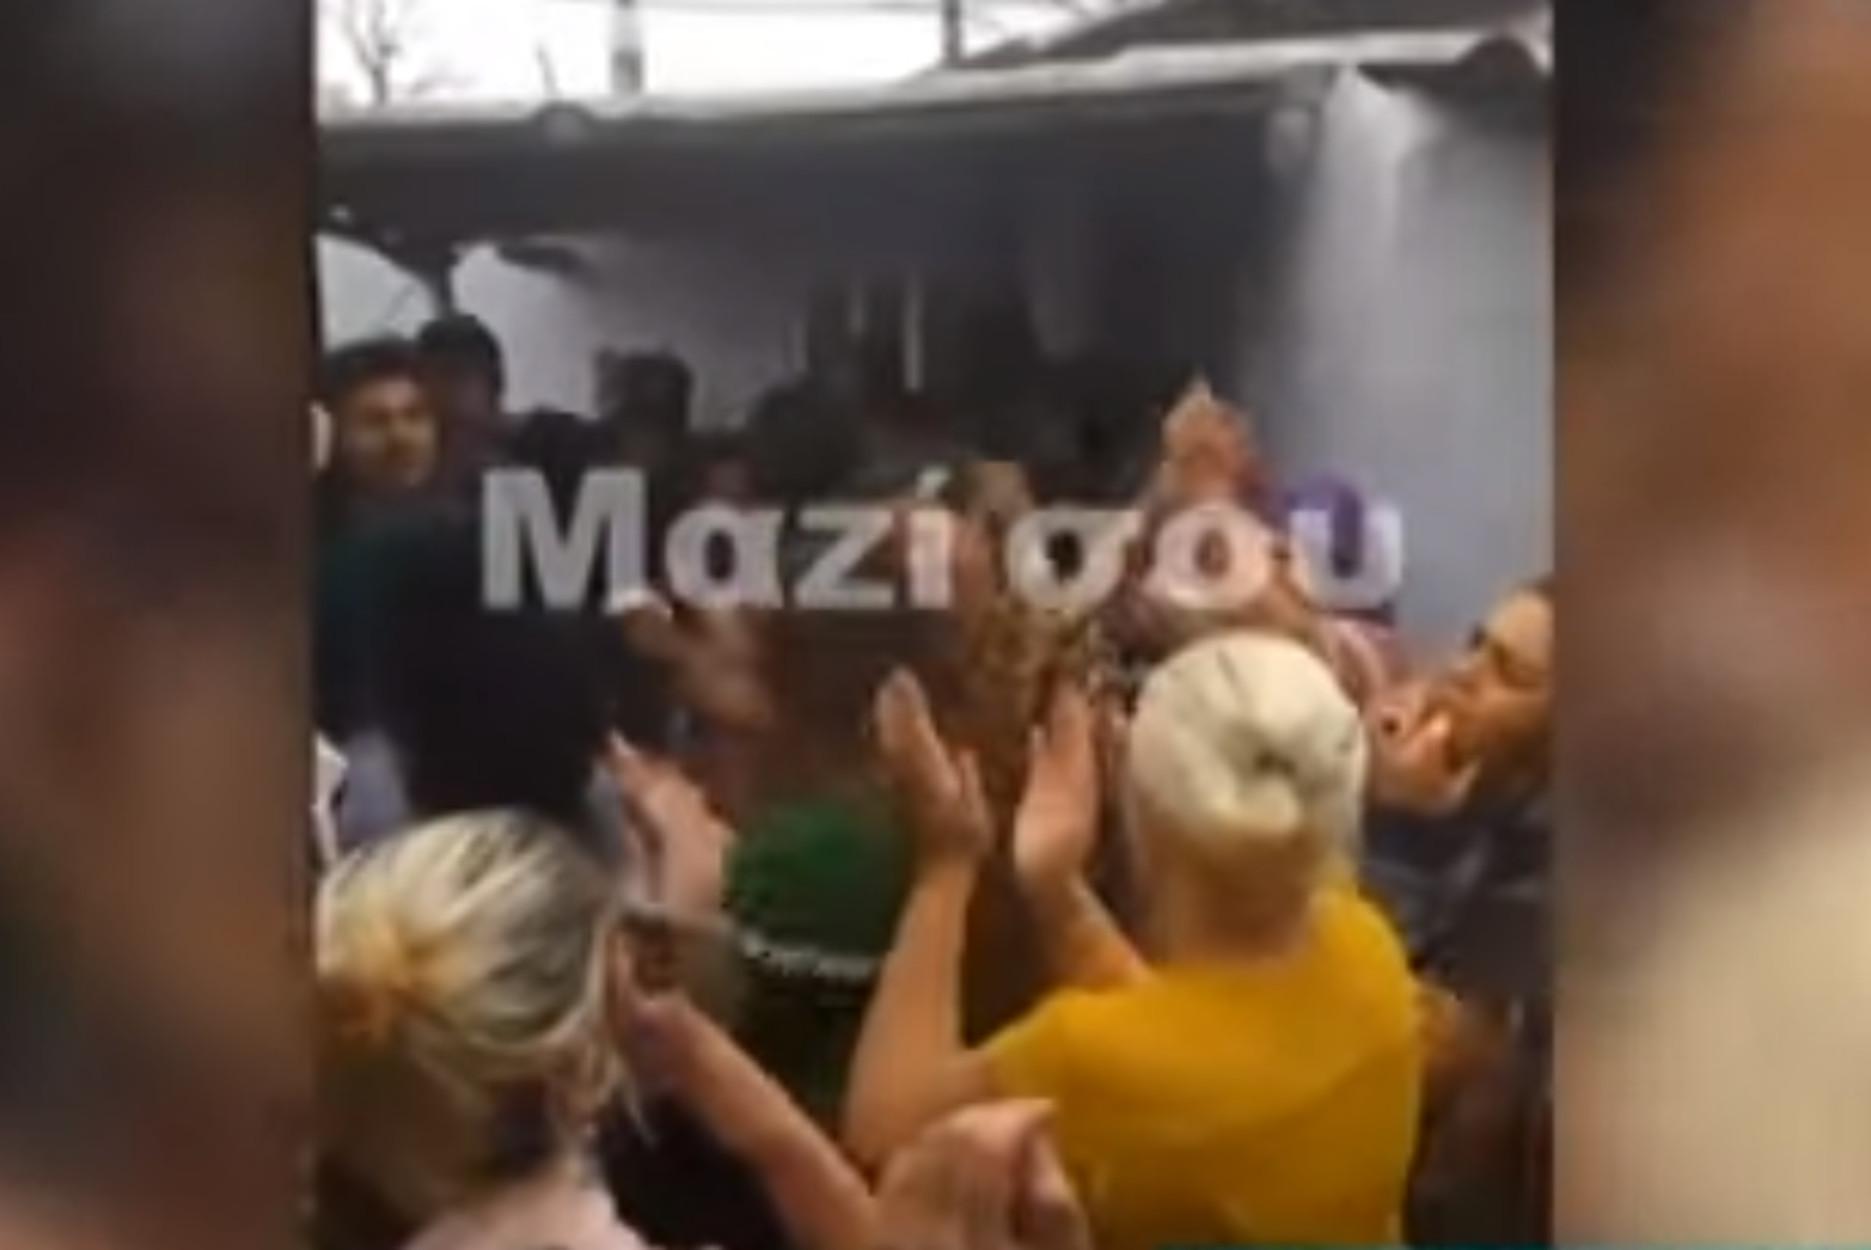 """Κομοτηνή: Ρομά έστησαν γλέντι αρραβώνων εν μέσω κορονοϊού! Αποκαλυπτικό βίντεο στο """"Μαζί σου"""""""